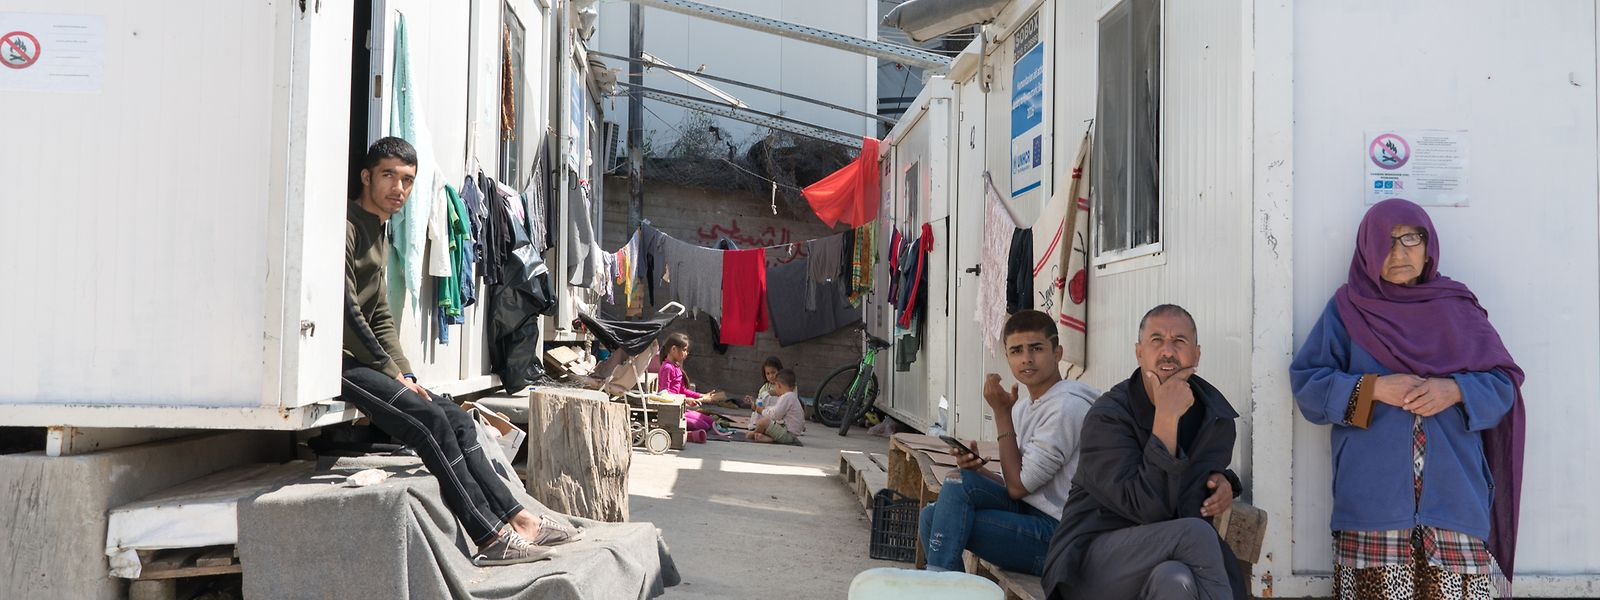 Auf der griechischen Insel Lesbos kommen die Asylverfahren nur schleppend voran.